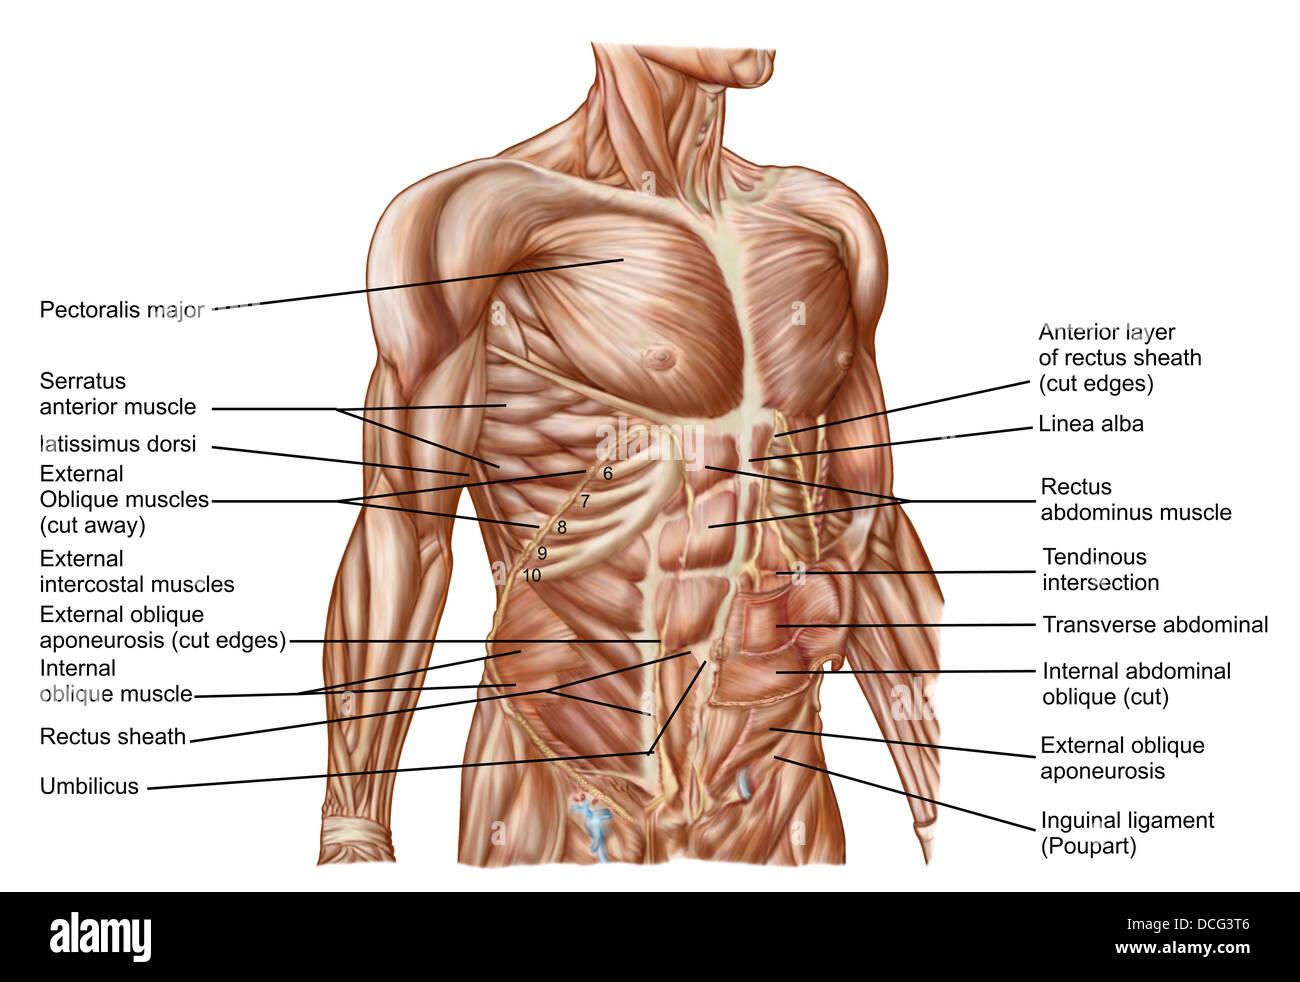 Anatomie der menschlichen Bauchmuskeln Stockfoto, Bild: 59361238 - Alamy